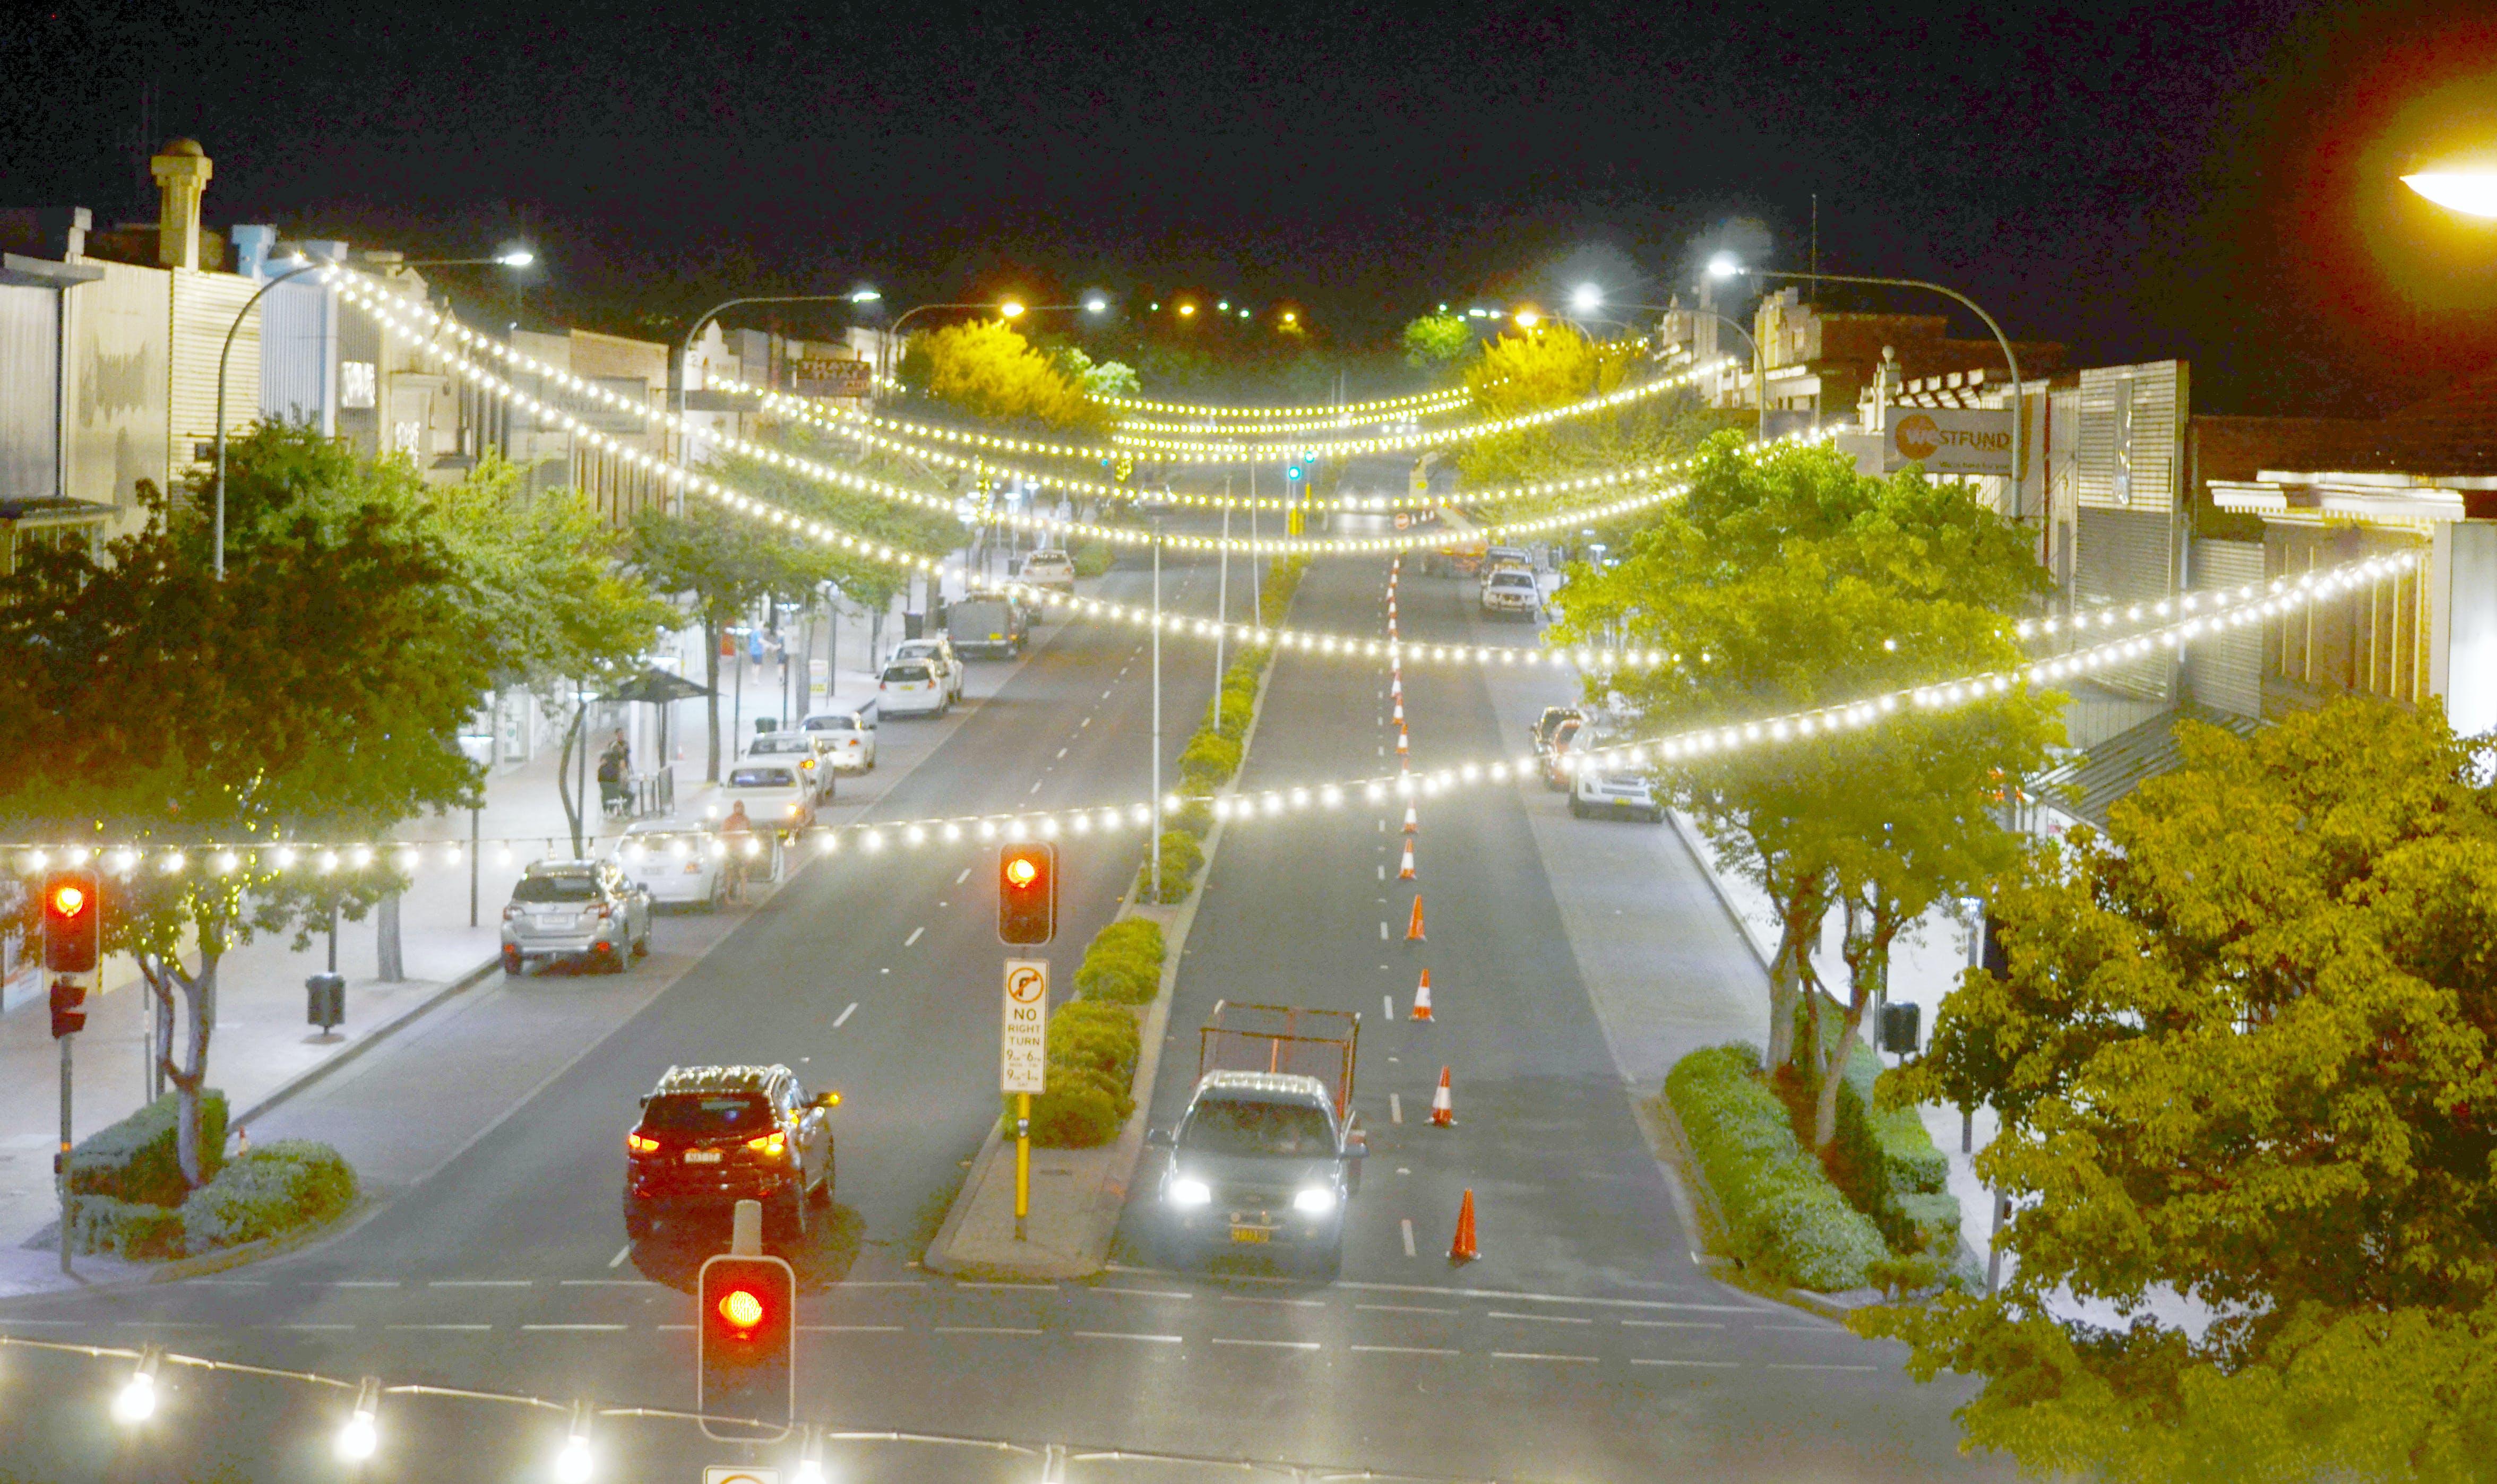 Festoon lights at night 063.jpg